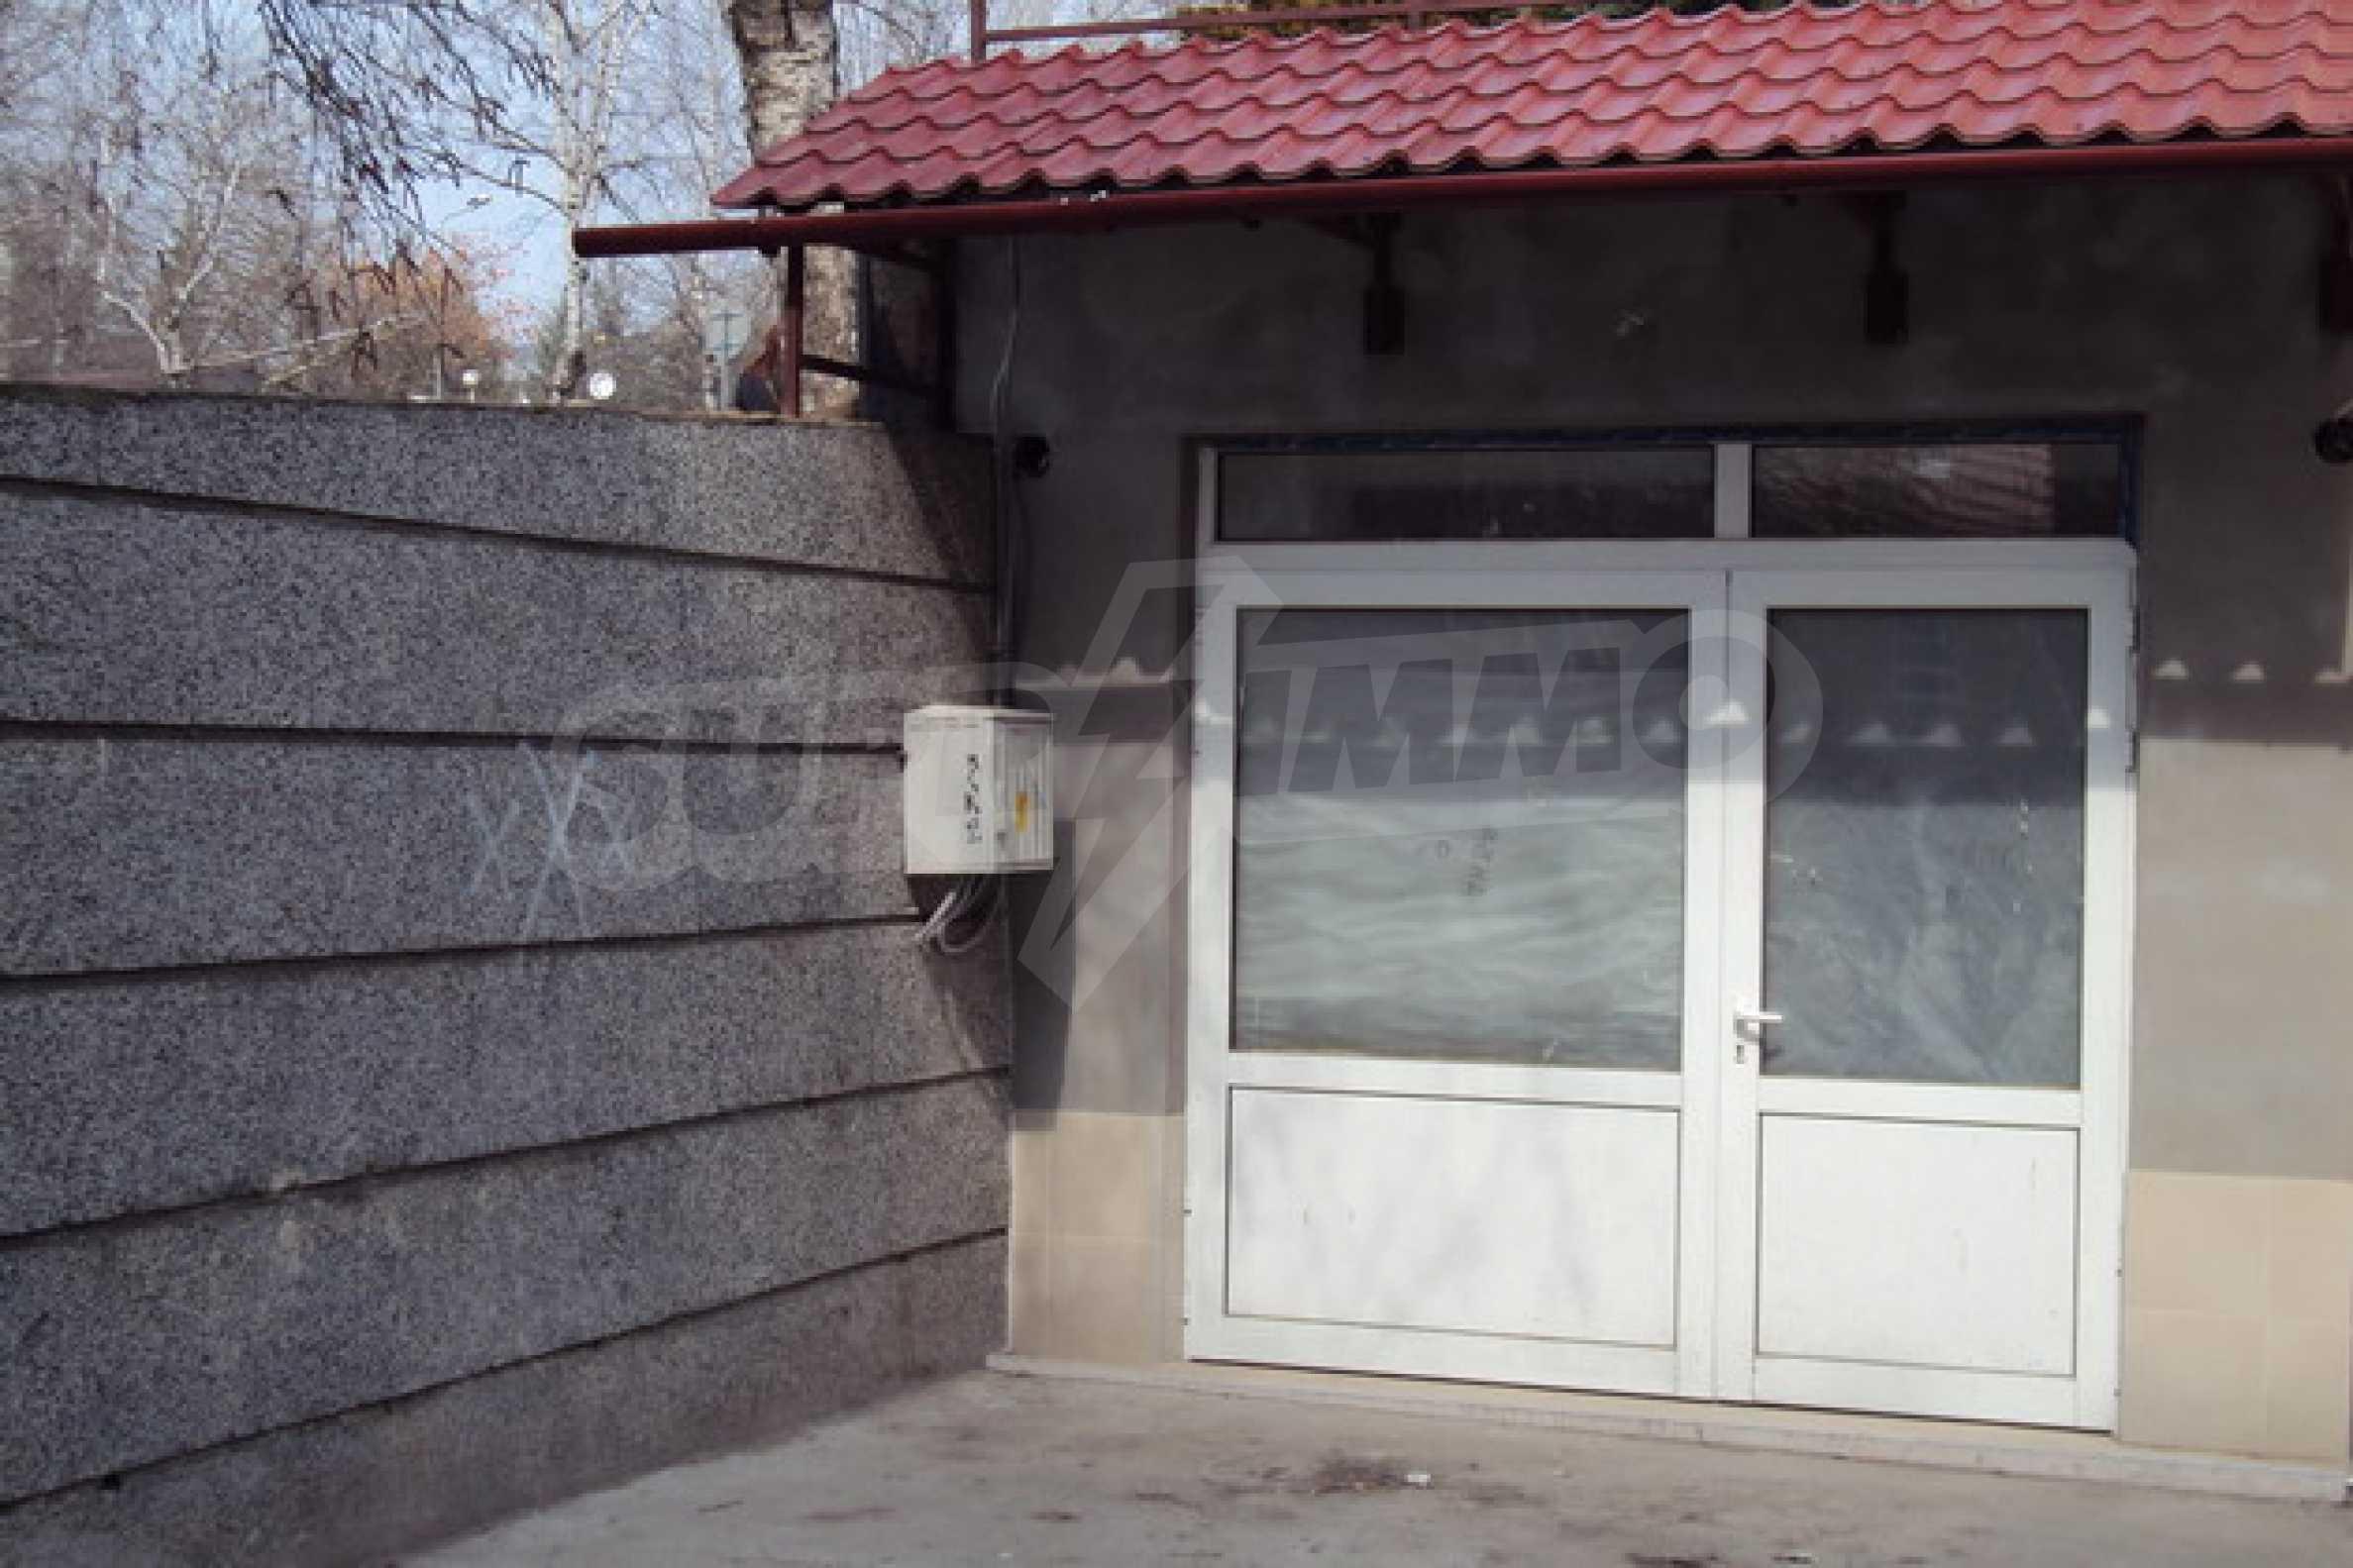 Магазин/офис продается в городе Велико Тырново